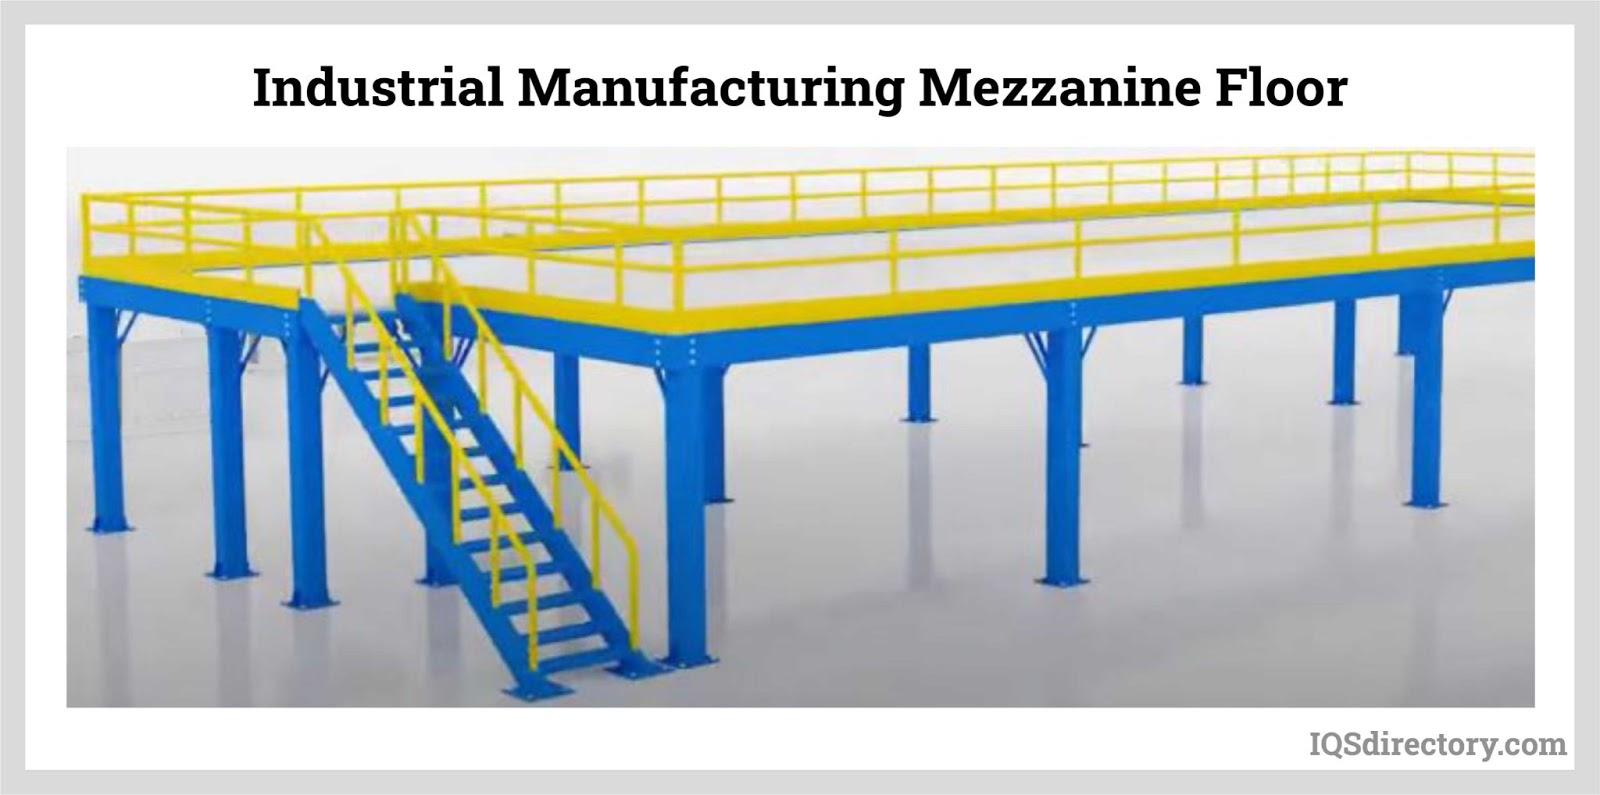 Industrial Manufacturing Mezzanine Floor